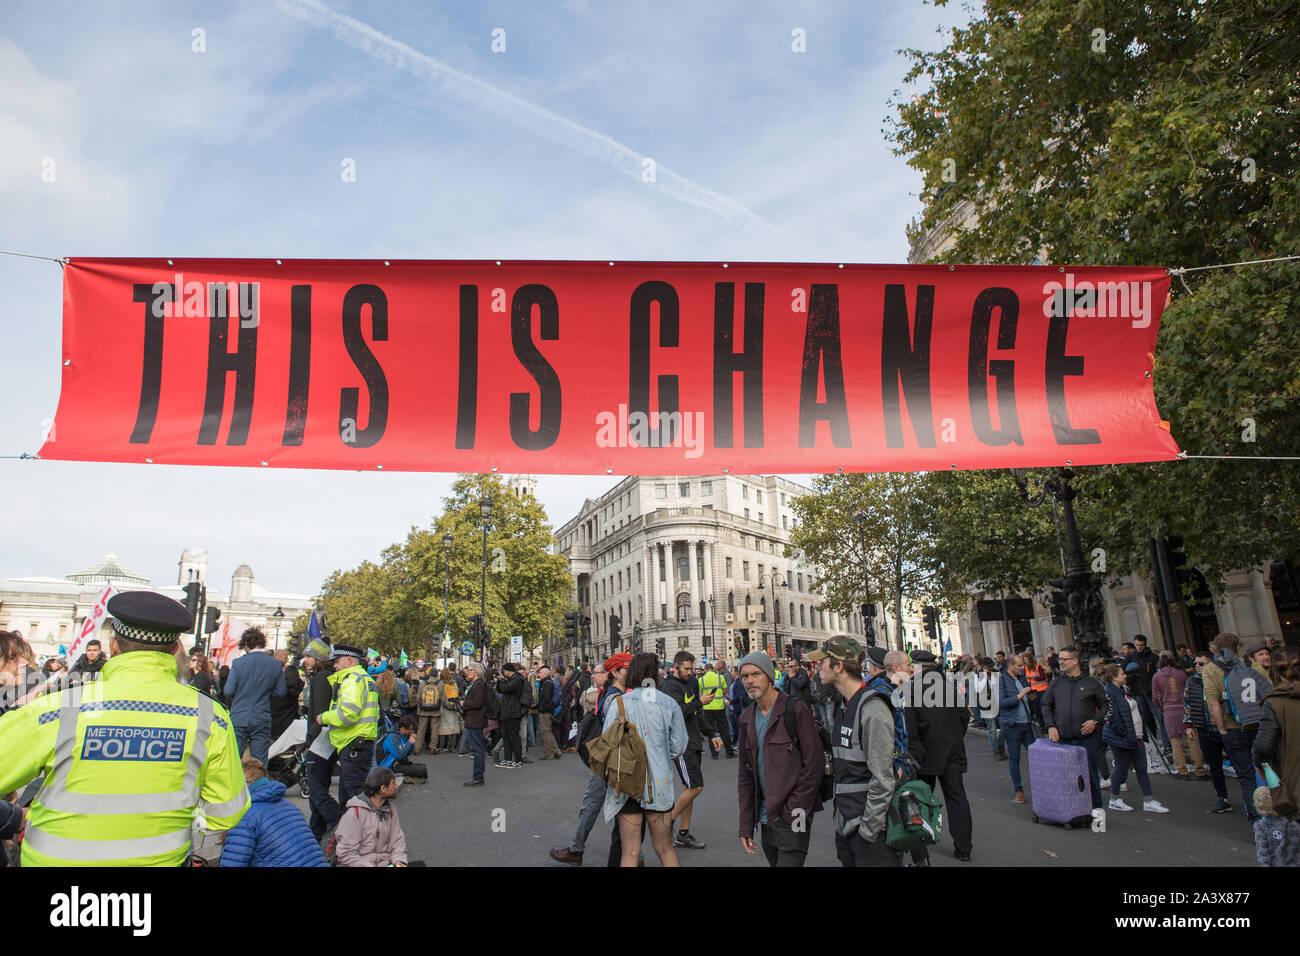 Westminster, Londres, Reino Unido. 10 de octubre de 2019. Los ambientalistas extinción rebelión han comenzado dos semanas las protestas del 7 al 20 de octubre en y alrededor de Londres para manifestarse contra el cambio climático. Los manifestantes en Trafalgar Square demanda una acción decisiva del Gobierno del Reino Unido sobre la crisis ambiental global. Foto de stock